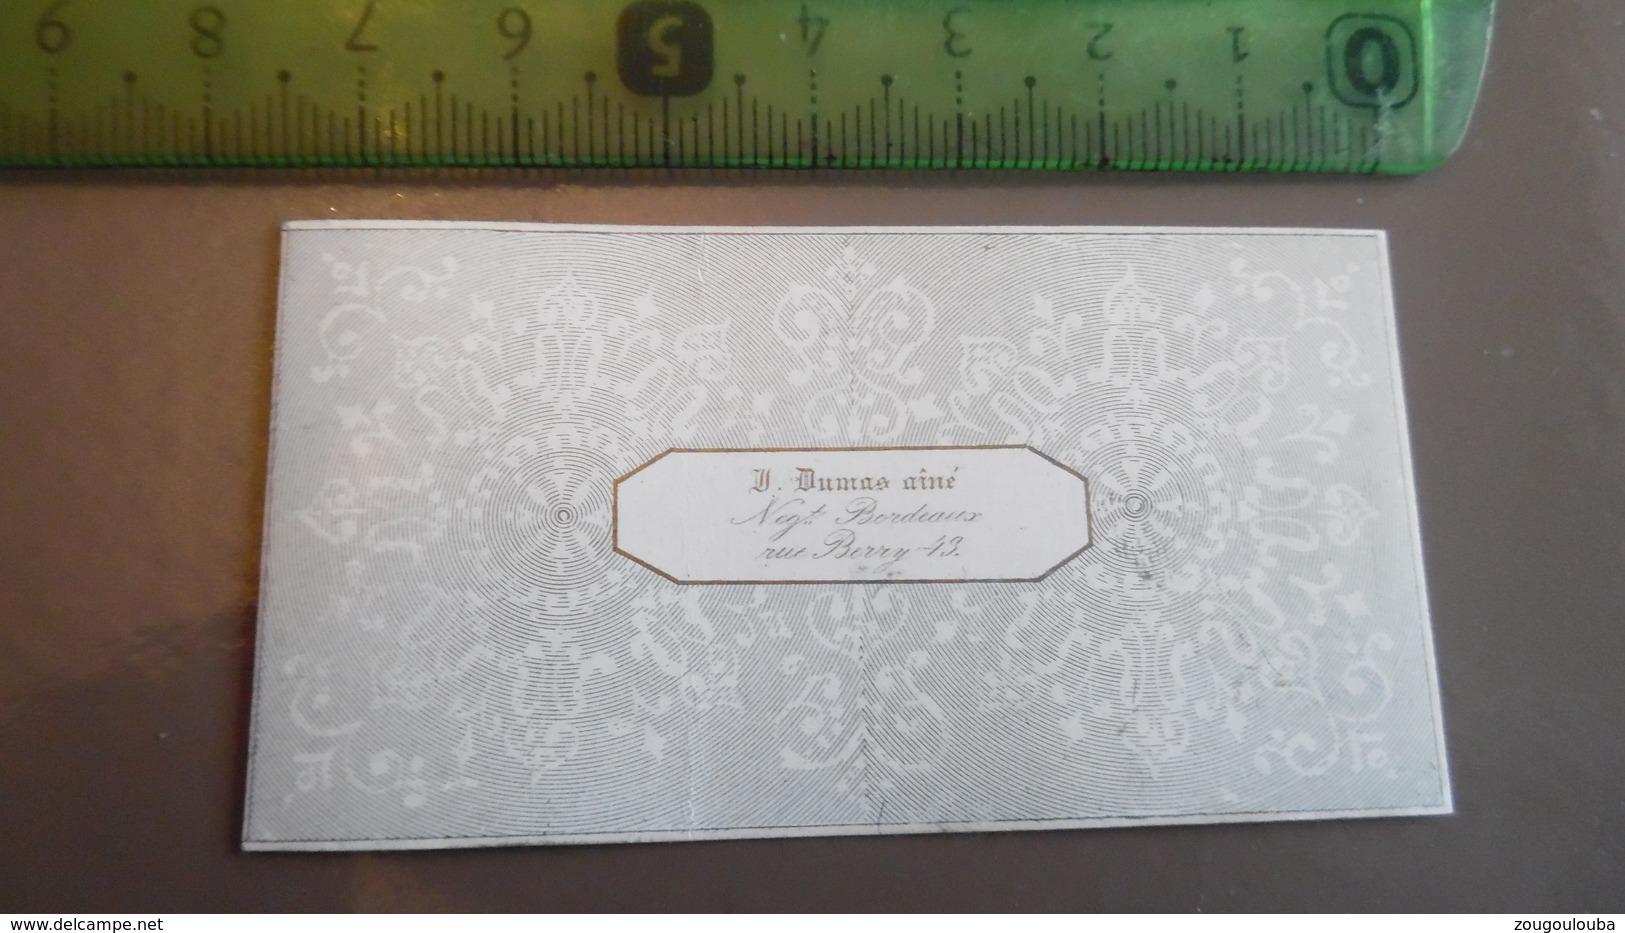 Carte Porcelaine De Visite Monsieur DUMAS Négociant En Vin 43 Rue Berry à Bordeaux - Cartes De Visite